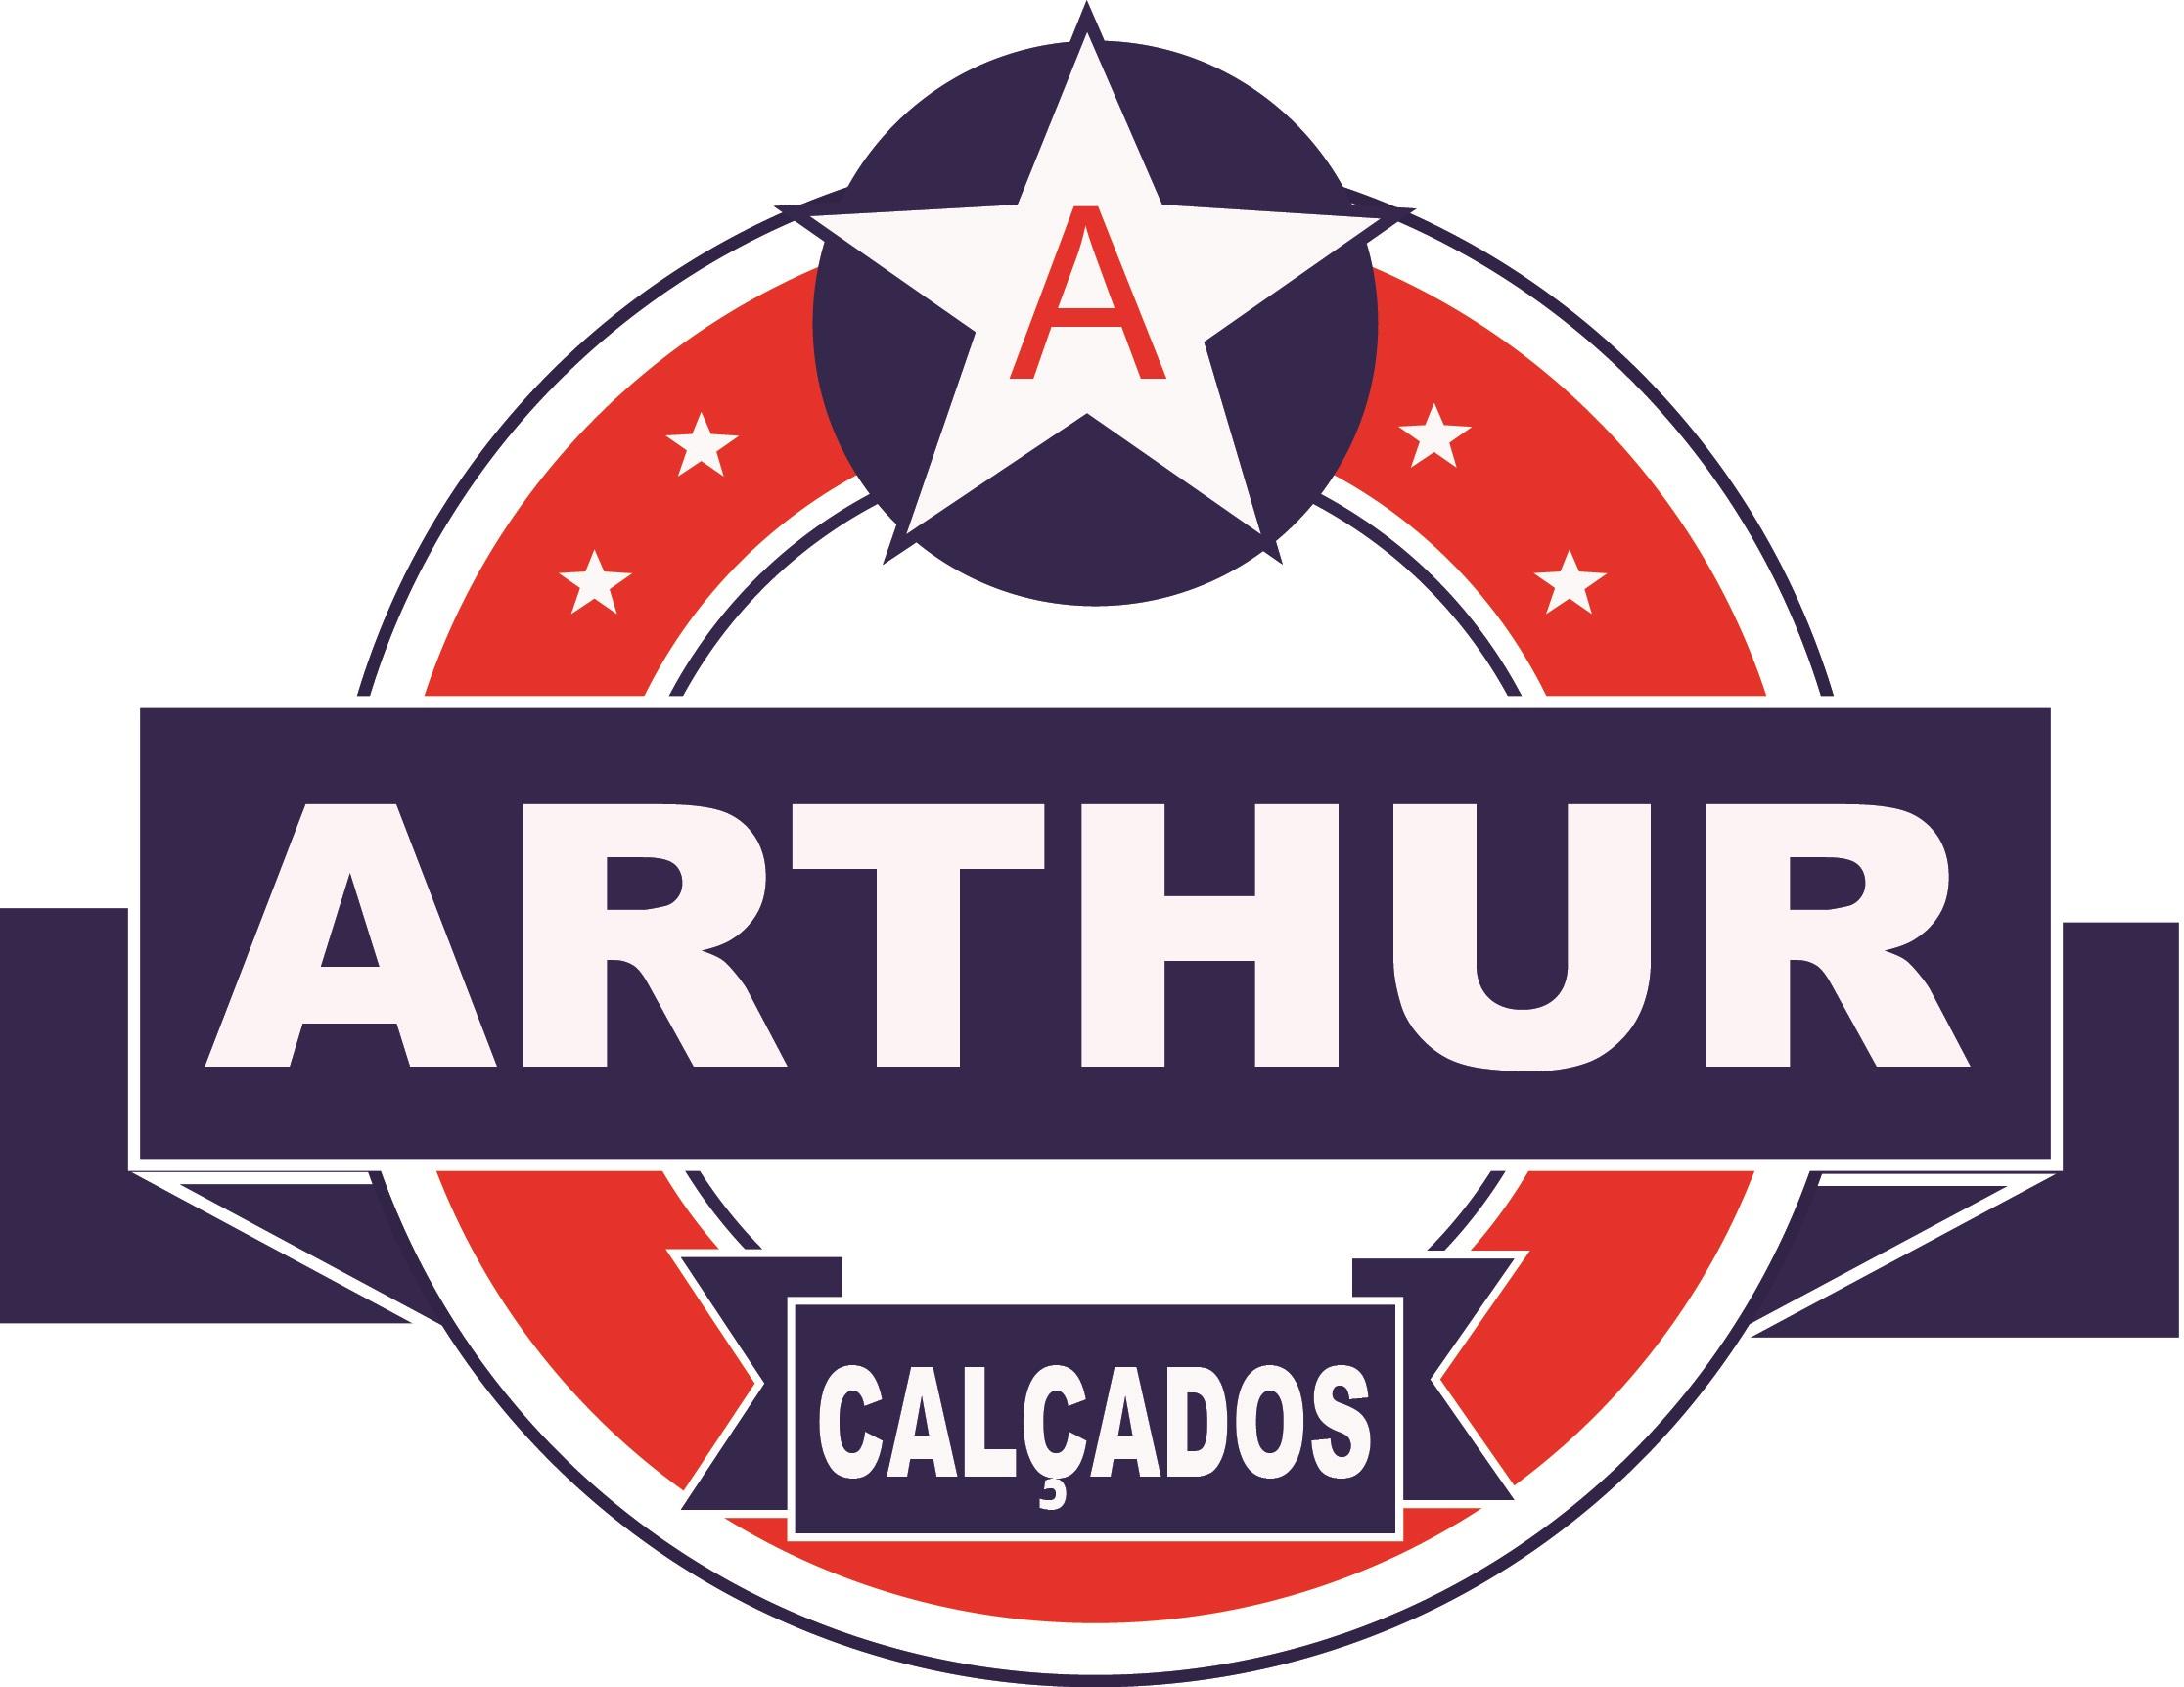 Arthur Calçados